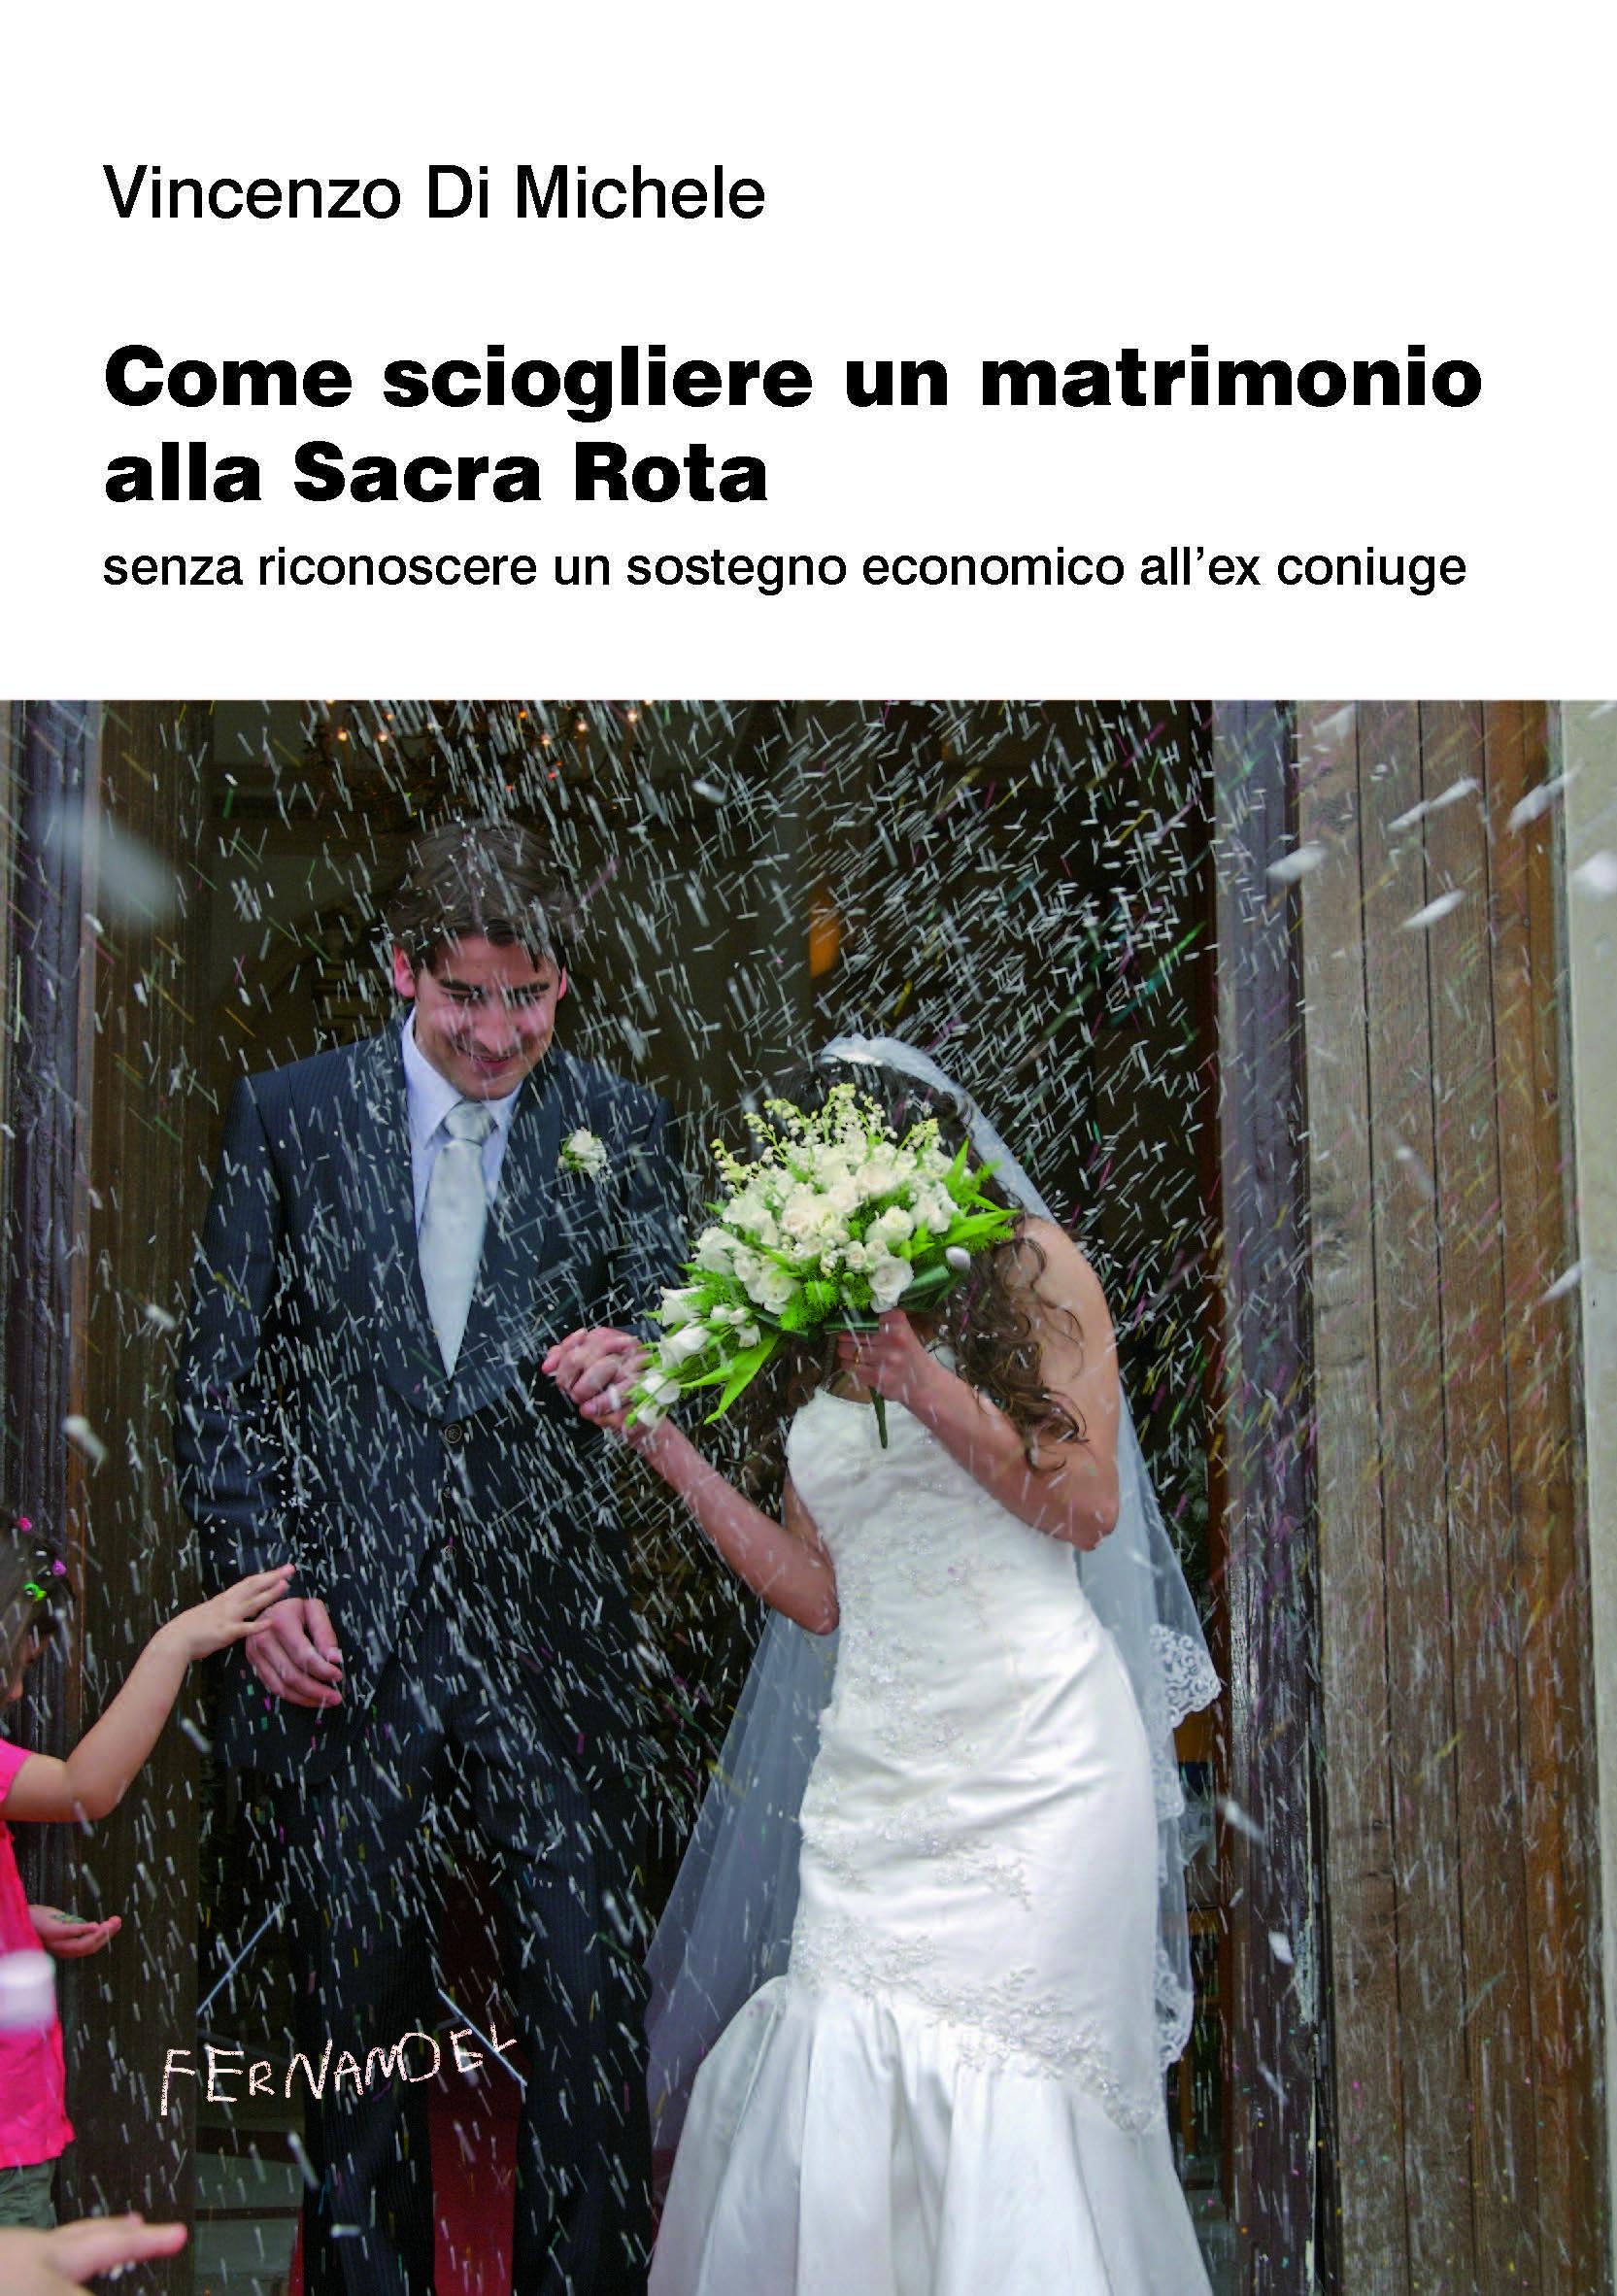 Matrimonio Alla Romana : La sacra rota come sciogliere un matrimonio senza